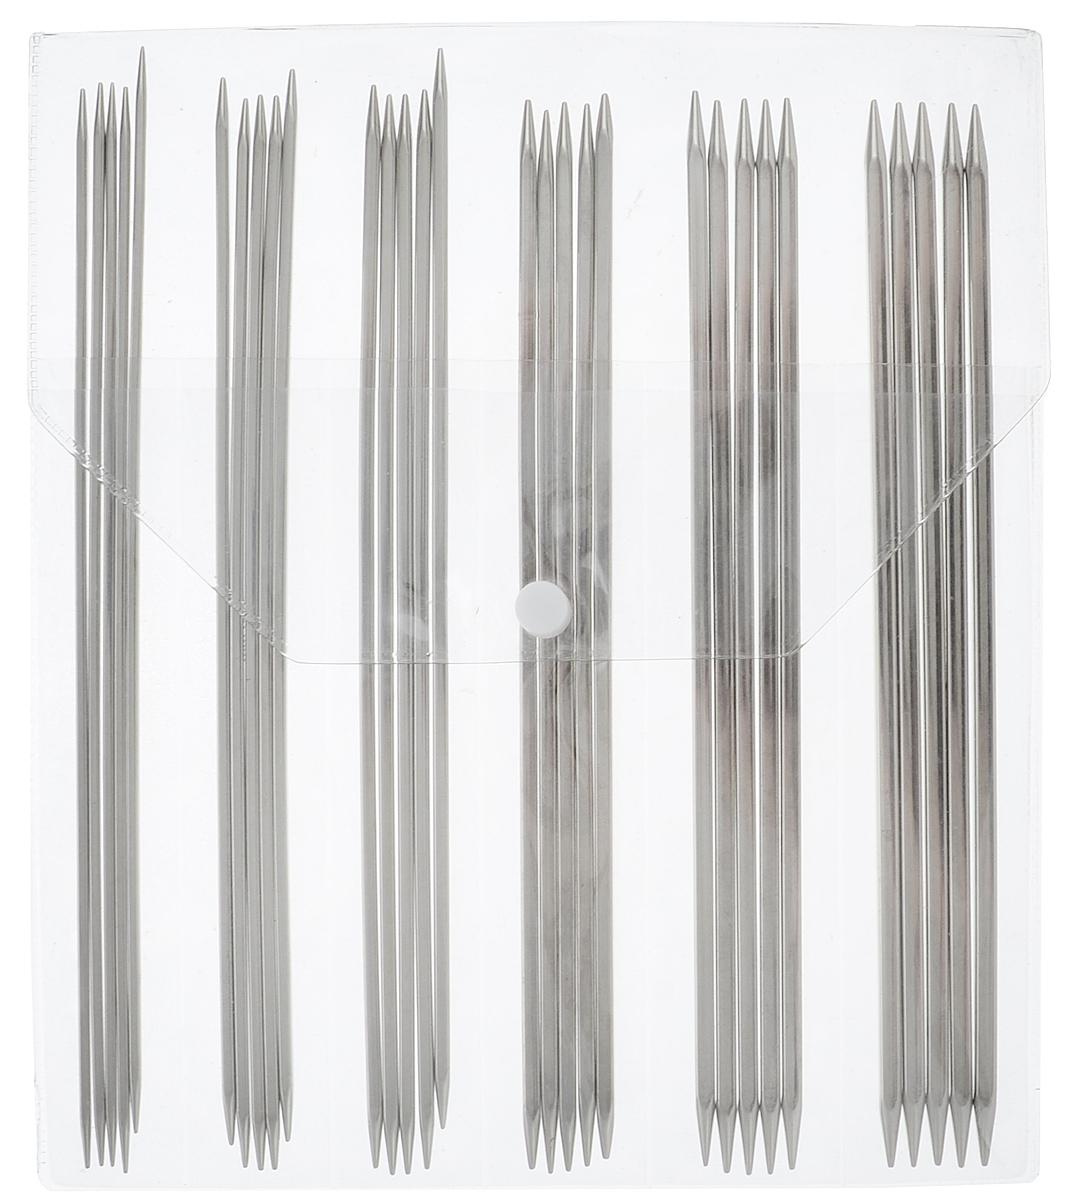 Фото - Набор чулочных спиц KnitPro Nova cubics, 2,5-5,0 мм, 6 видов набор коротких спиц lace short tips